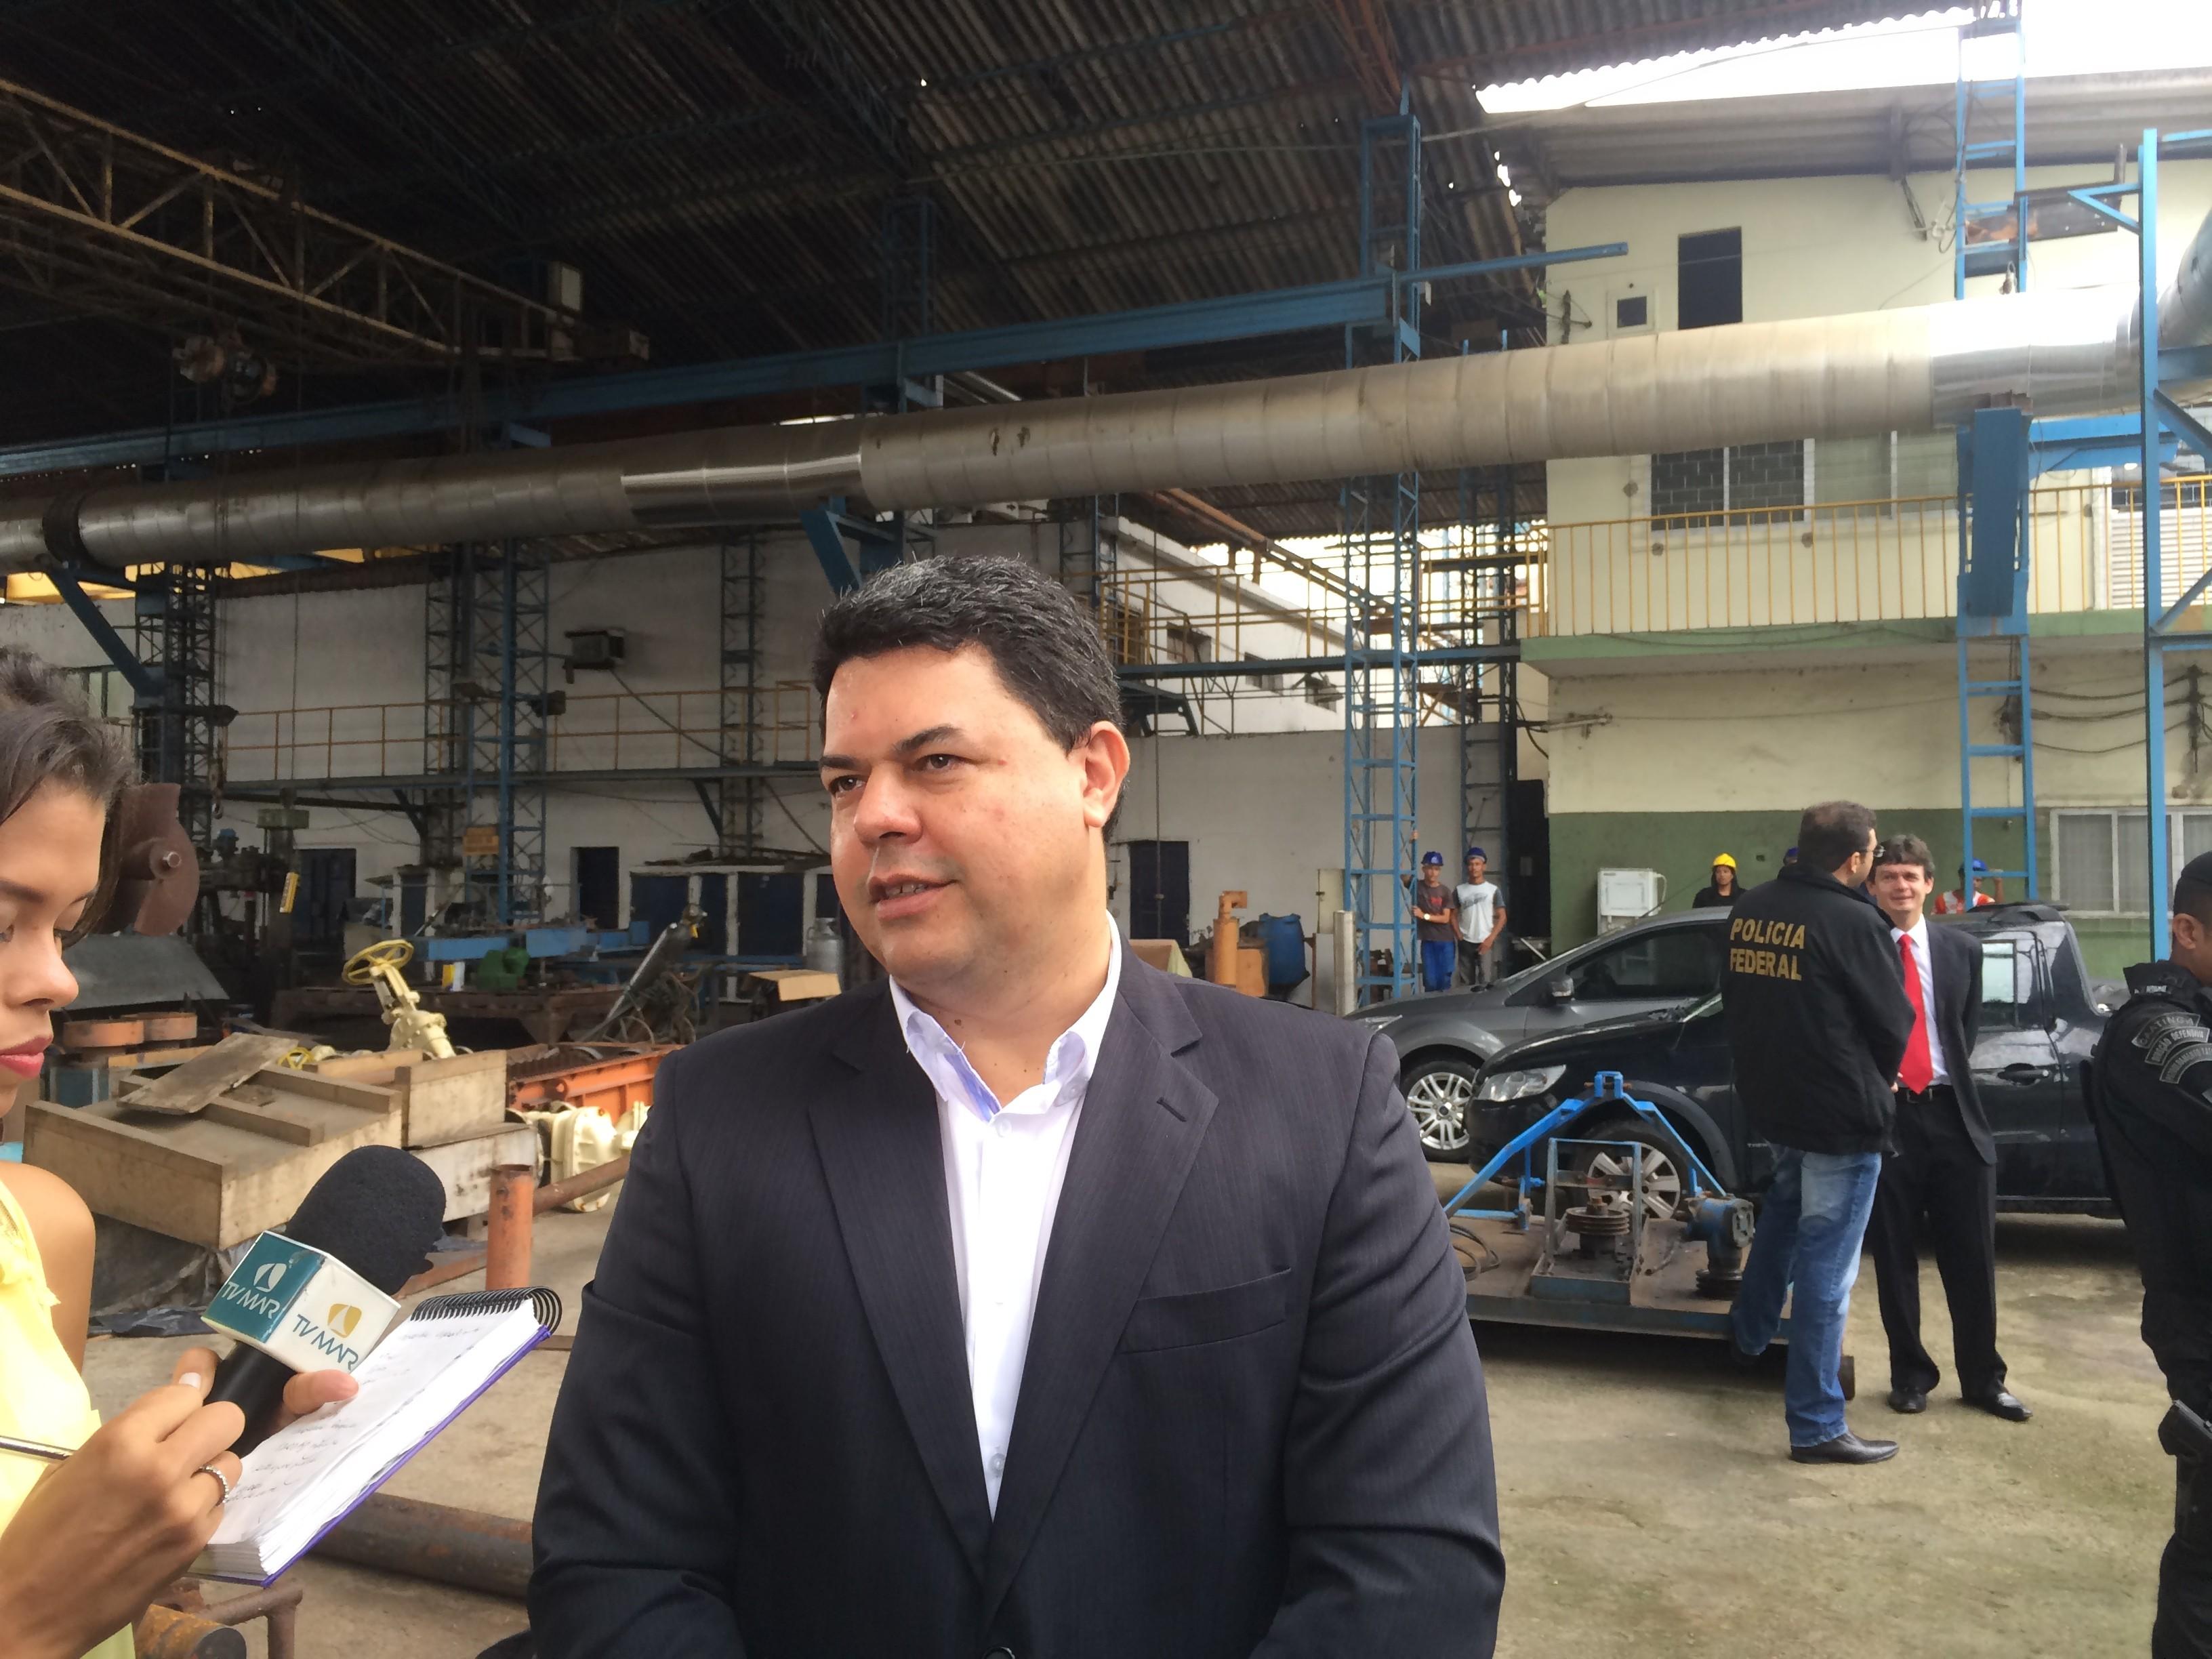 Corregedor-geral da PF será o novo superintendente da instituição no Paraná